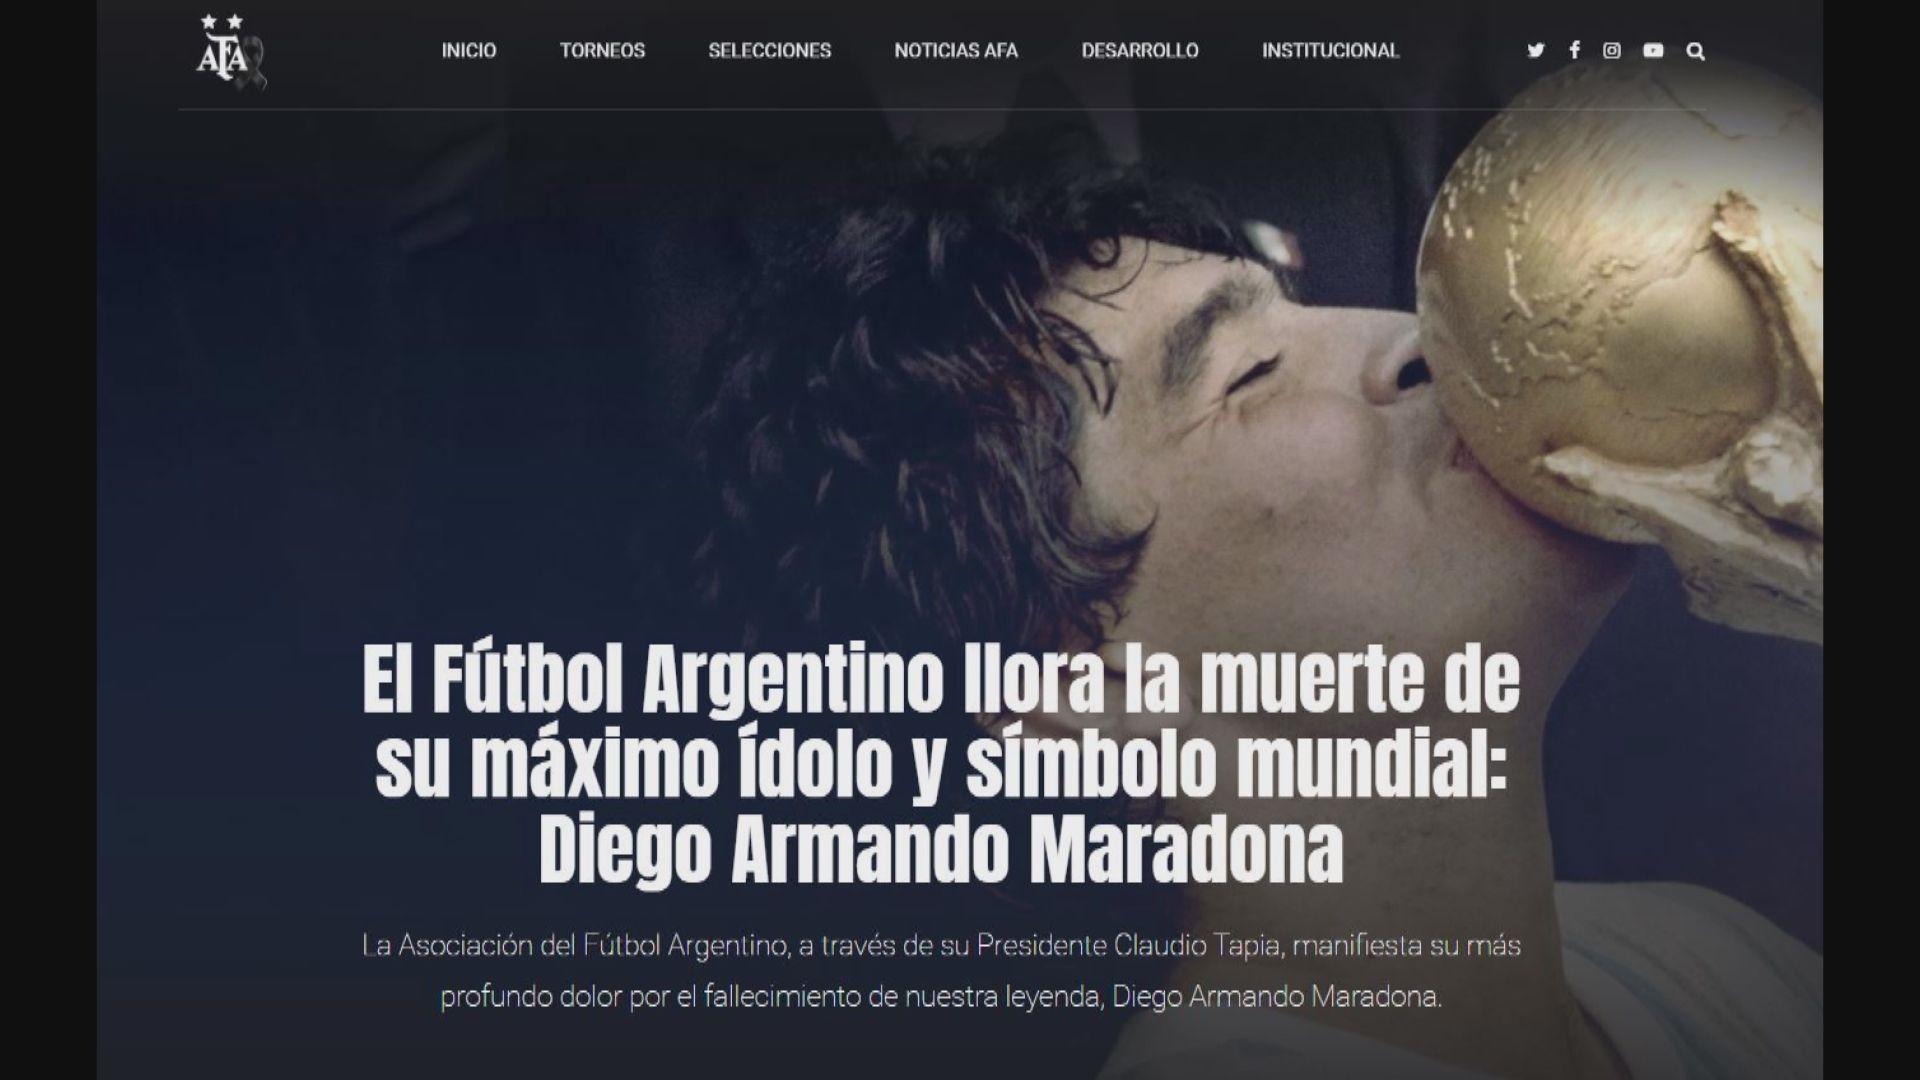 球王馬勒當拿逝世 阿根廷總統宣布全國哀悼三天